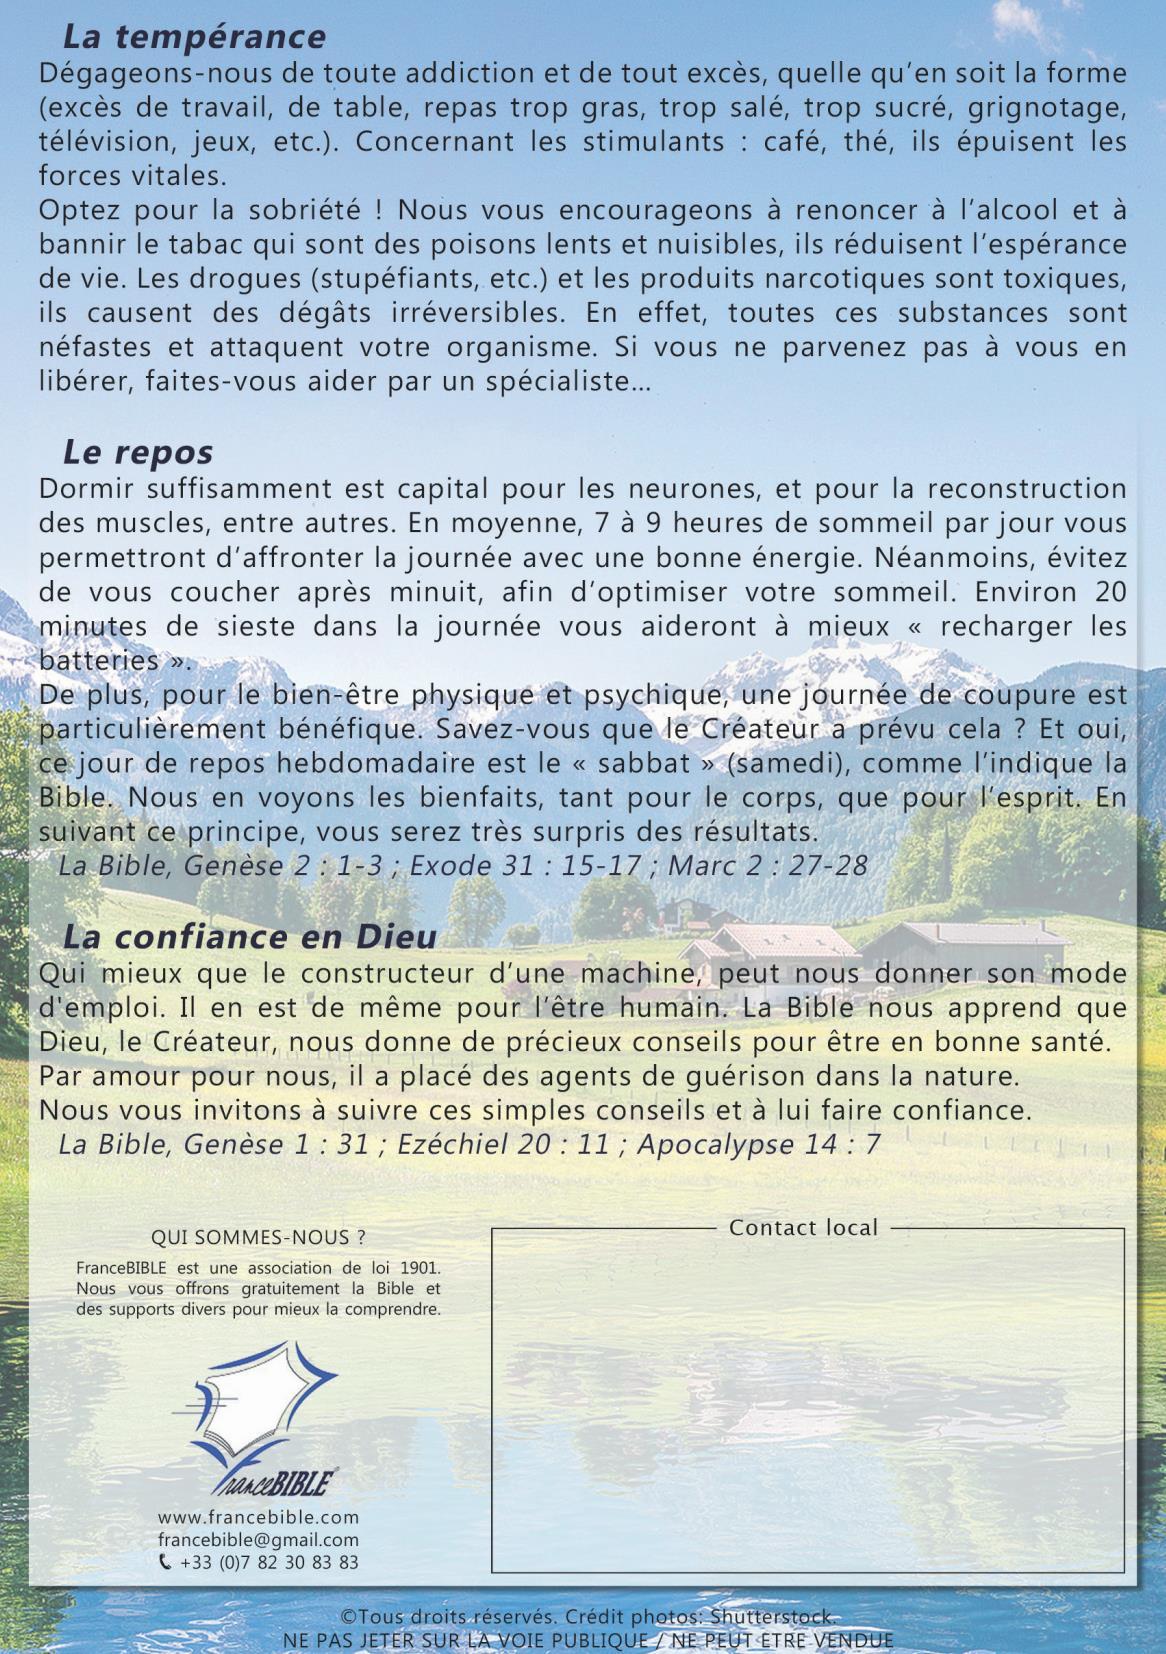 Flyer Santé©Copyright_FranceBIBLE_Page_2